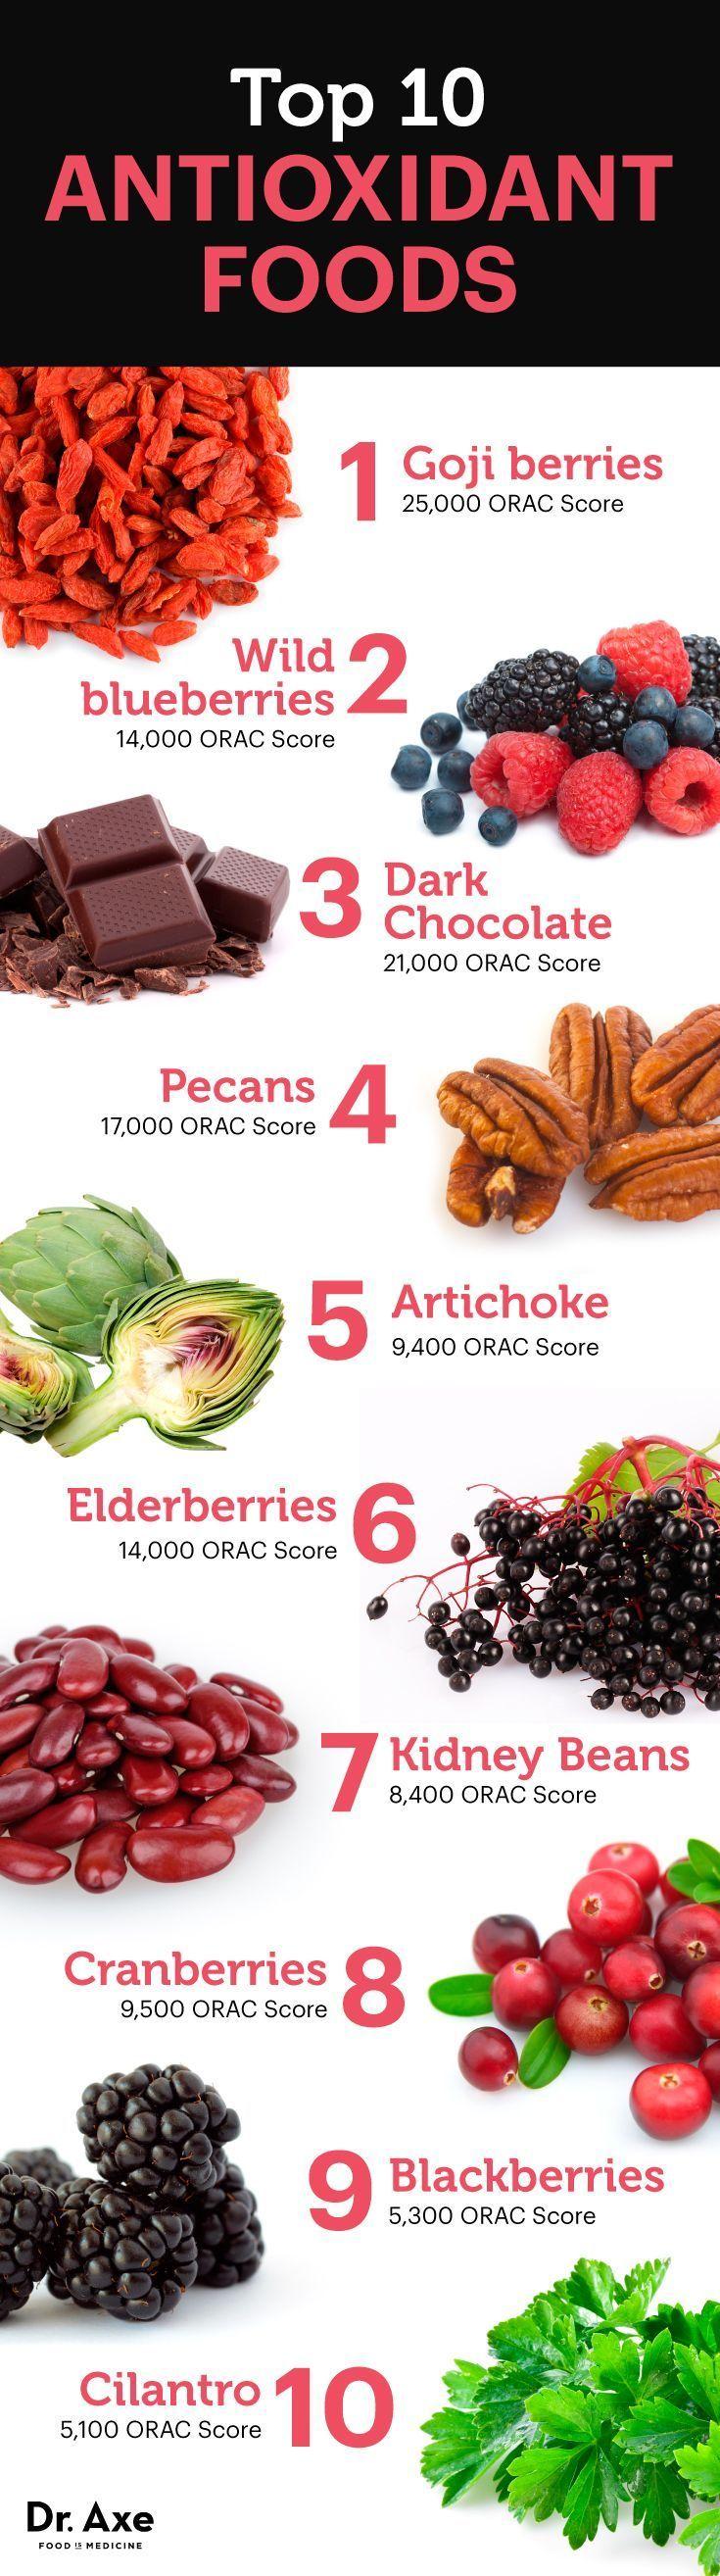 Top 10 High Antioxidant Foods - http://DrAxe.com